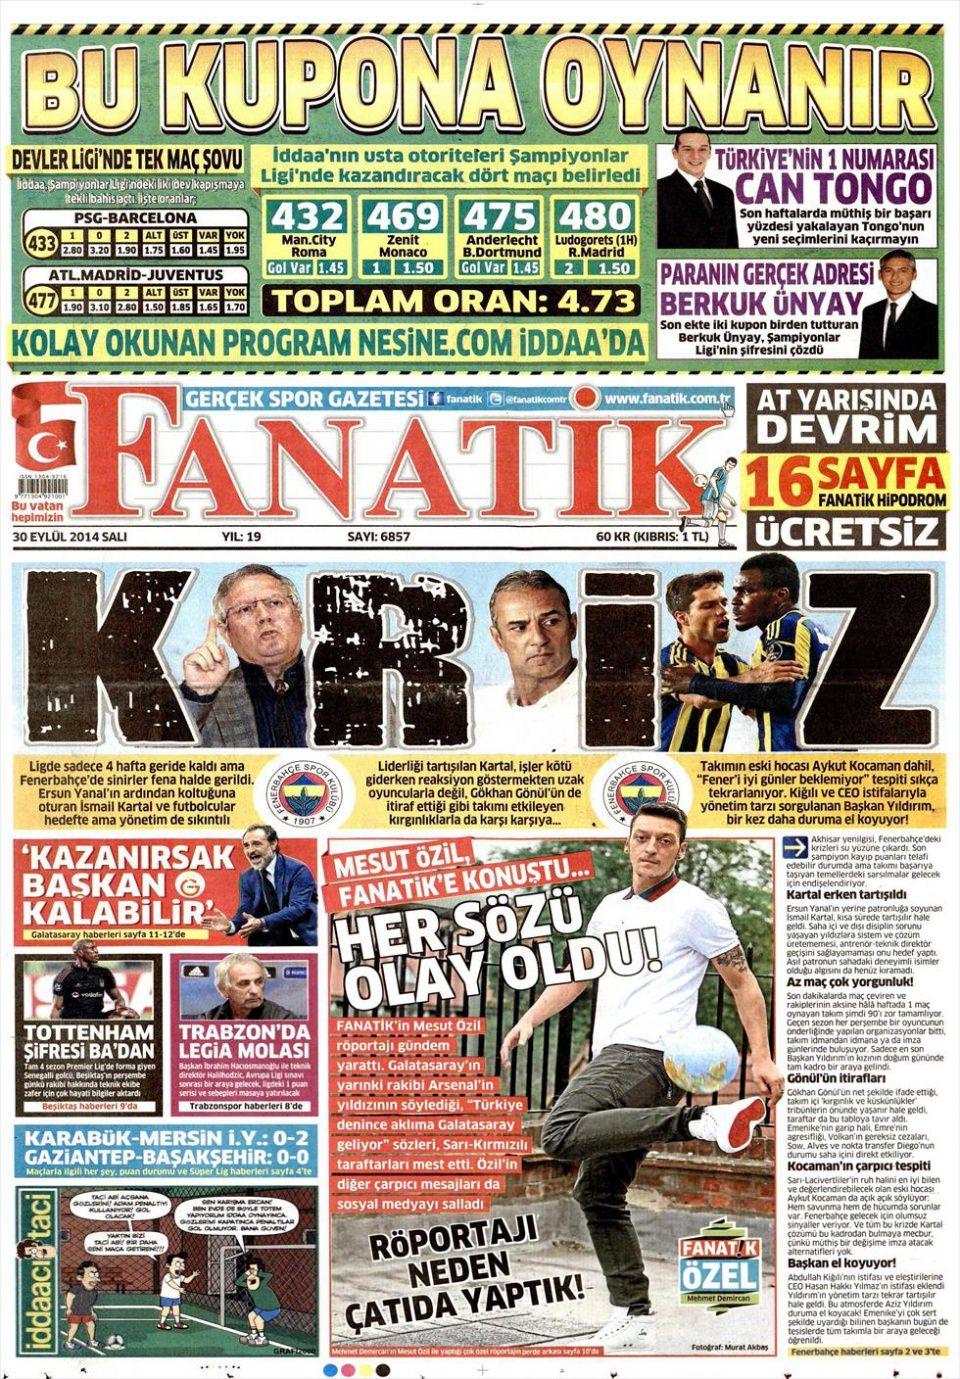 30 Eylül 2014 gazete manşetleri 7